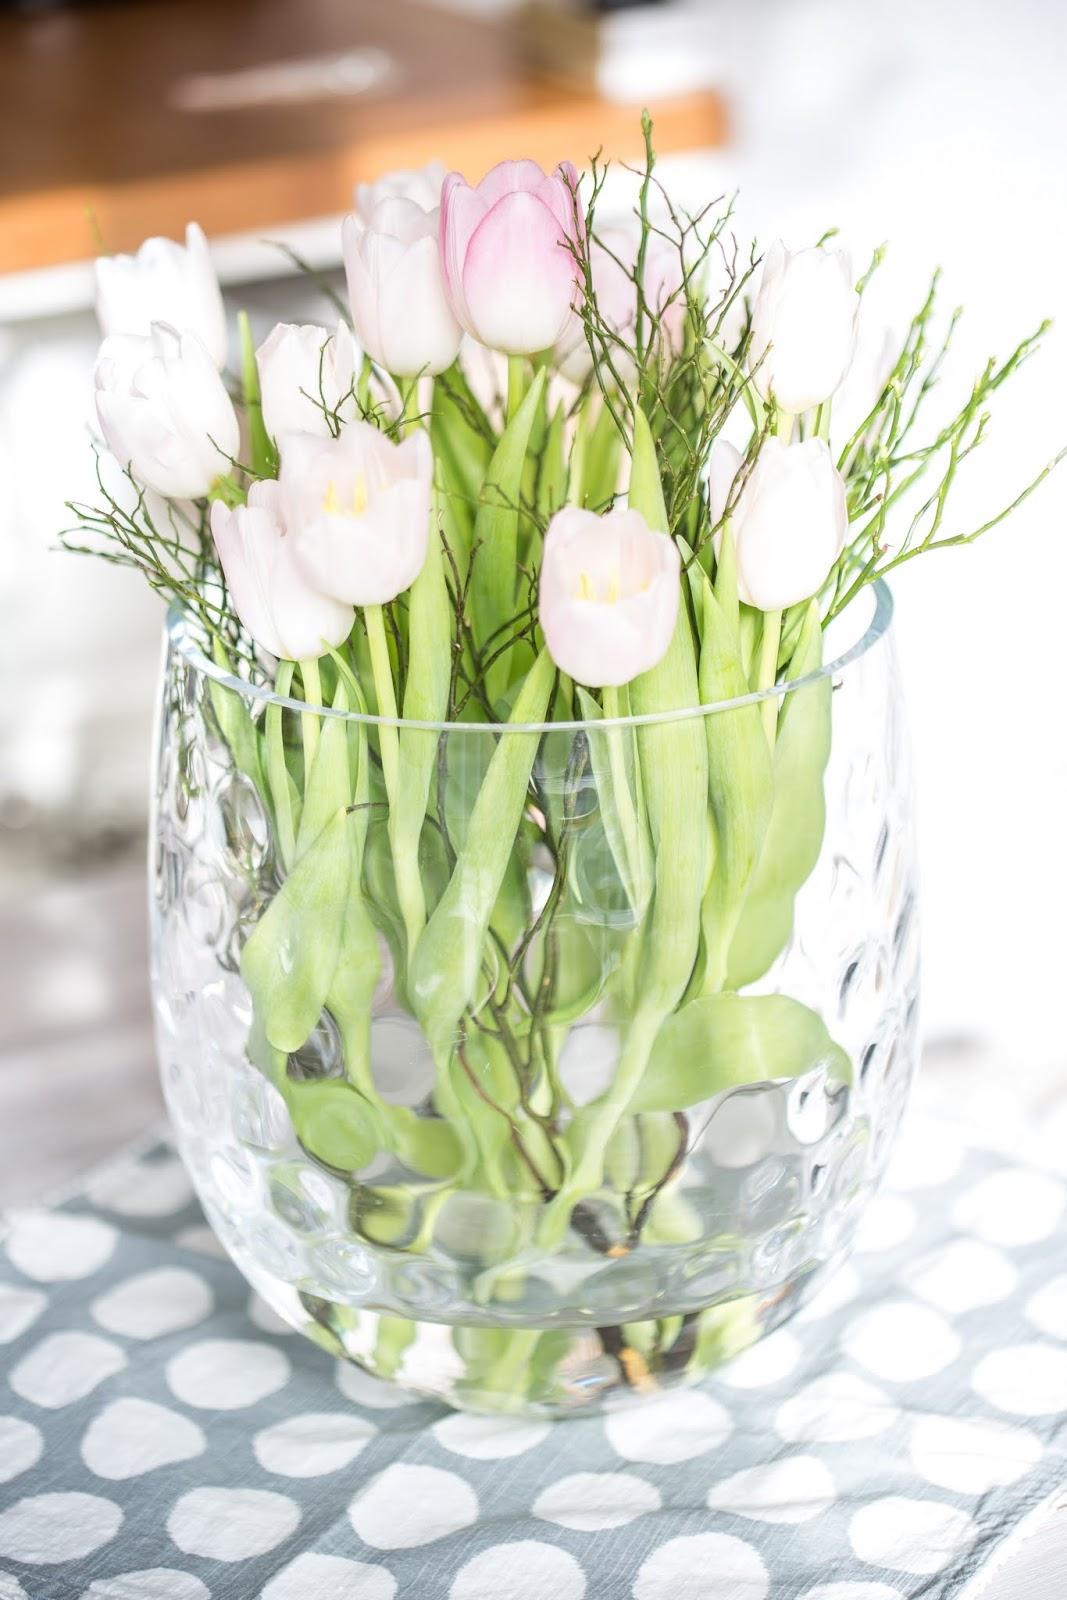 Wann Wachsen Tulpen Subjectagreespace